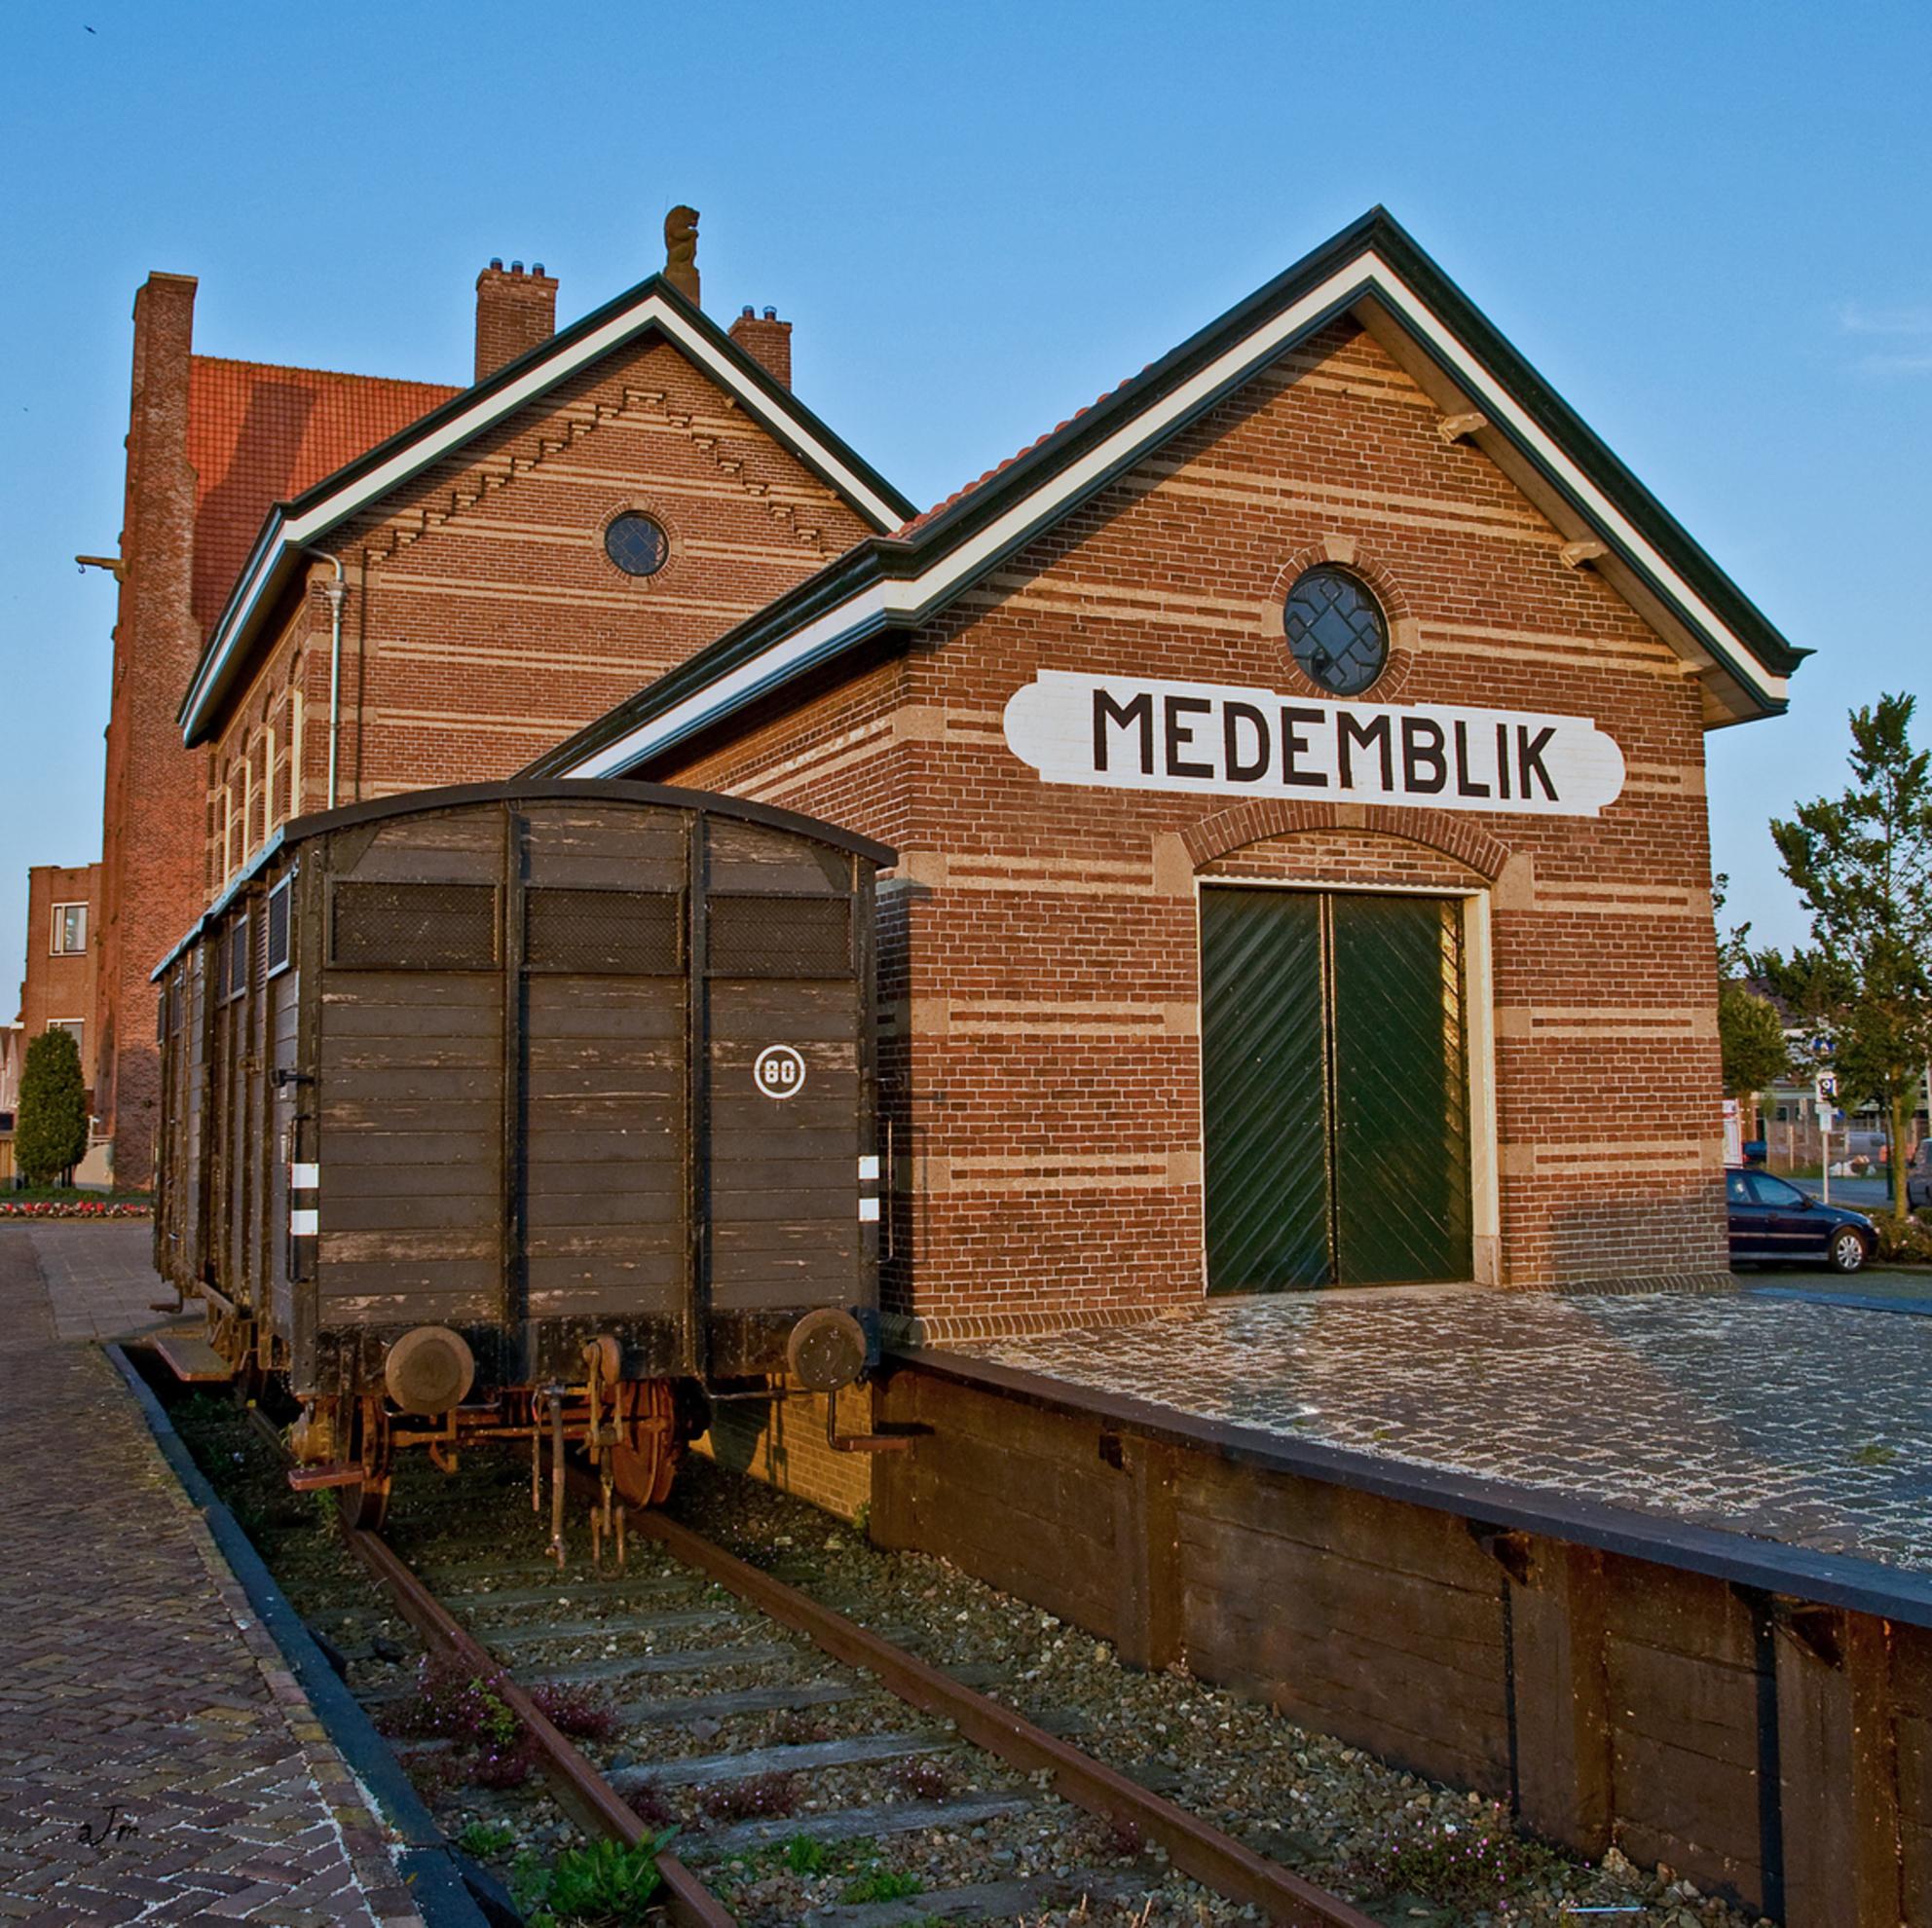 Medemblik 12 - Station Medemblik. Tegenwoordig wordt dit gebruikt voor de toeristische route Hoorn- Medemblik per Stoomtram. Deze foto is de laatste in de serie Me - foto door manteau op 09-07-2009 - deze foto bevat: station, medemblik, wagon